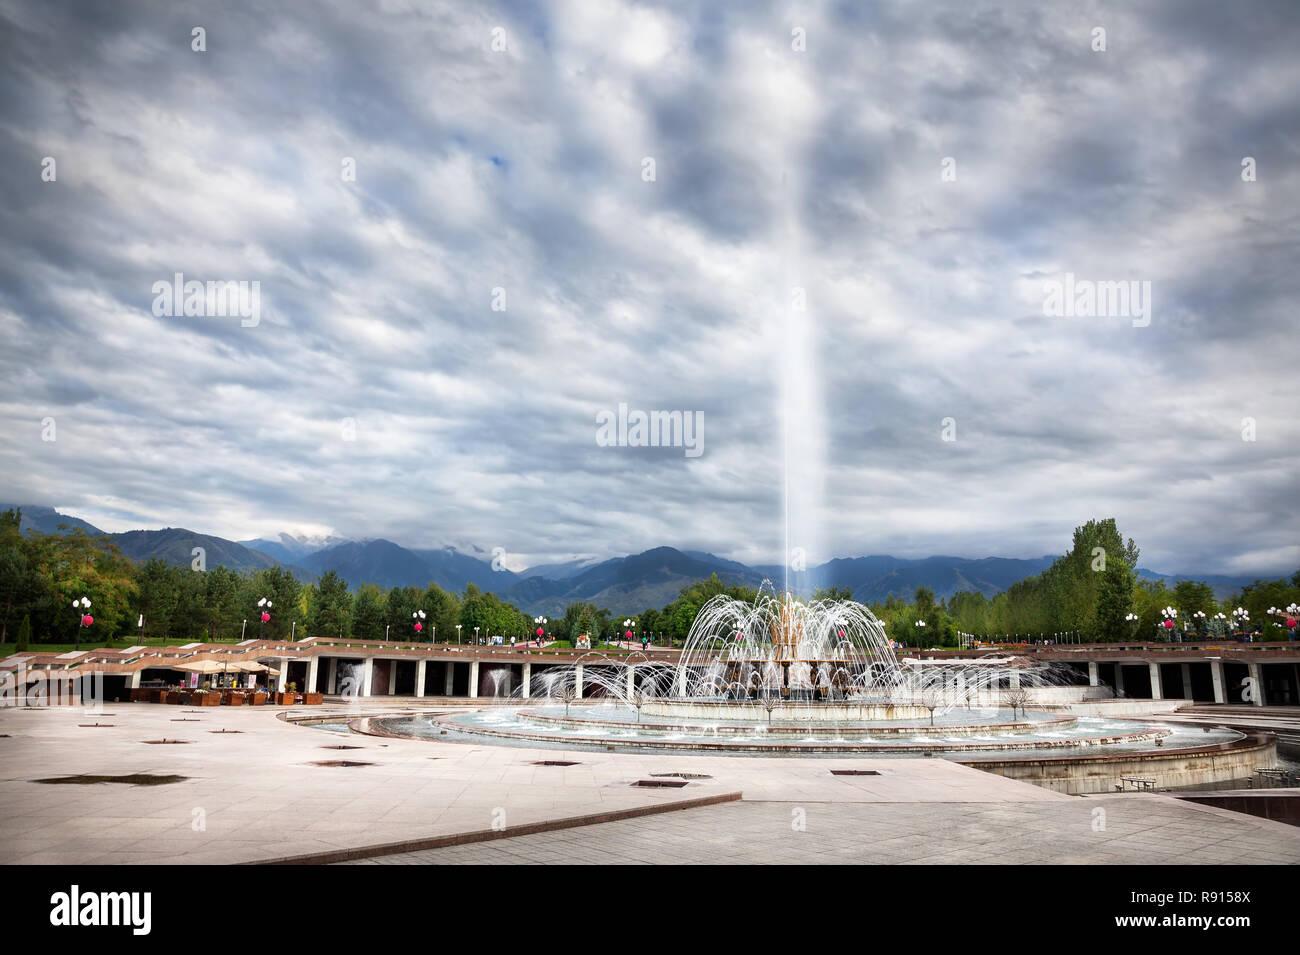 Grande Fontaine à ciel couvert spectaculaire à dendra du premier président Nursultan Nazarbayev à Almaty, Kazakhstan Banque D'Images